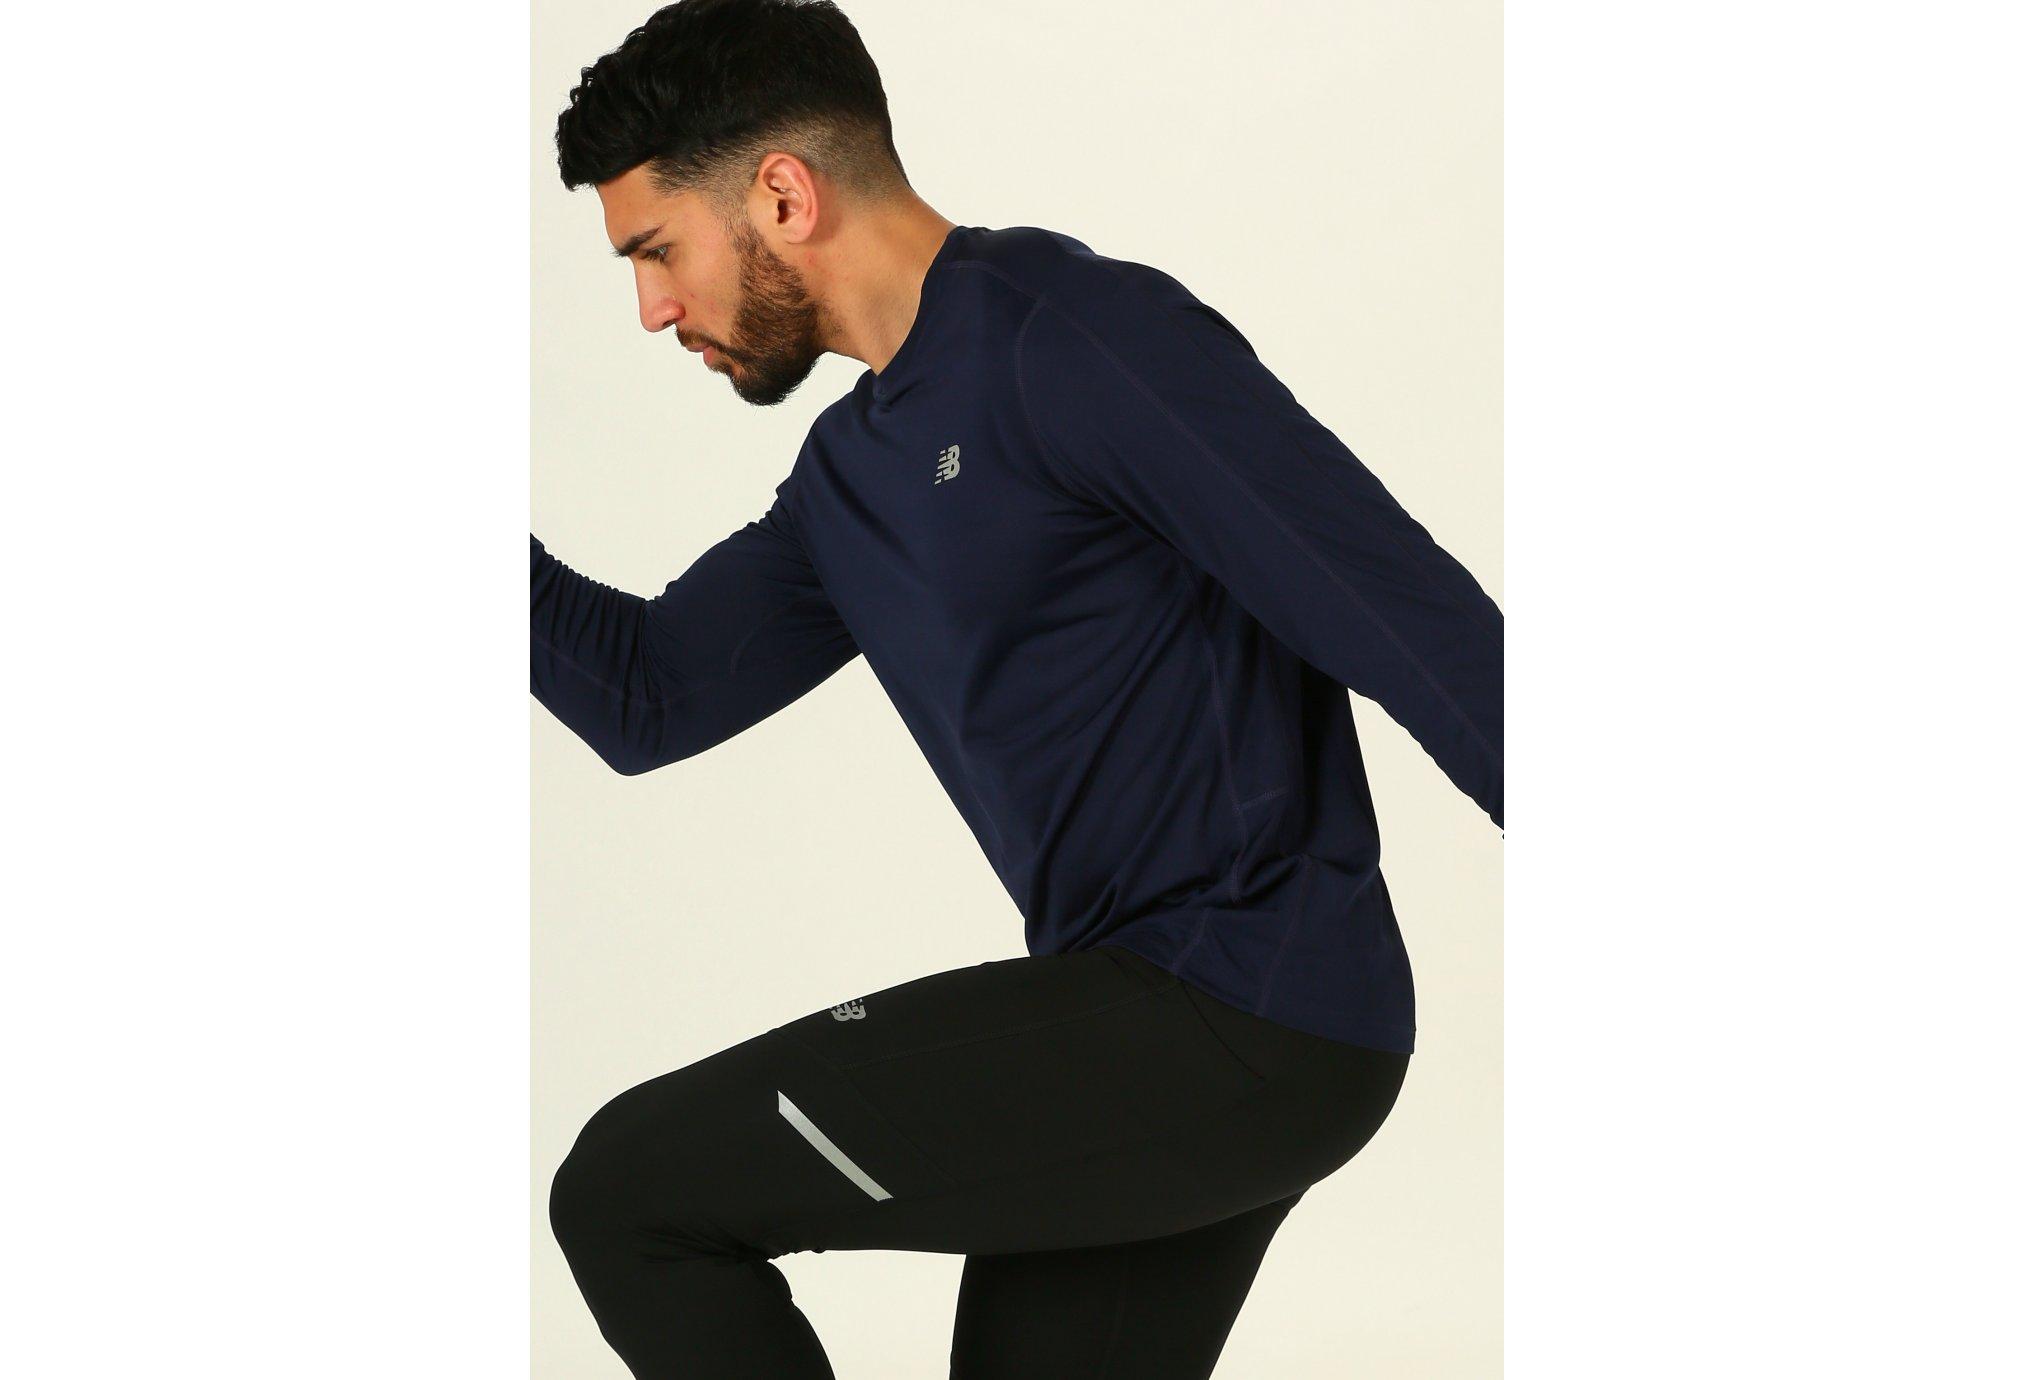 New Balance Accelerate M Diététique Vêtements homme